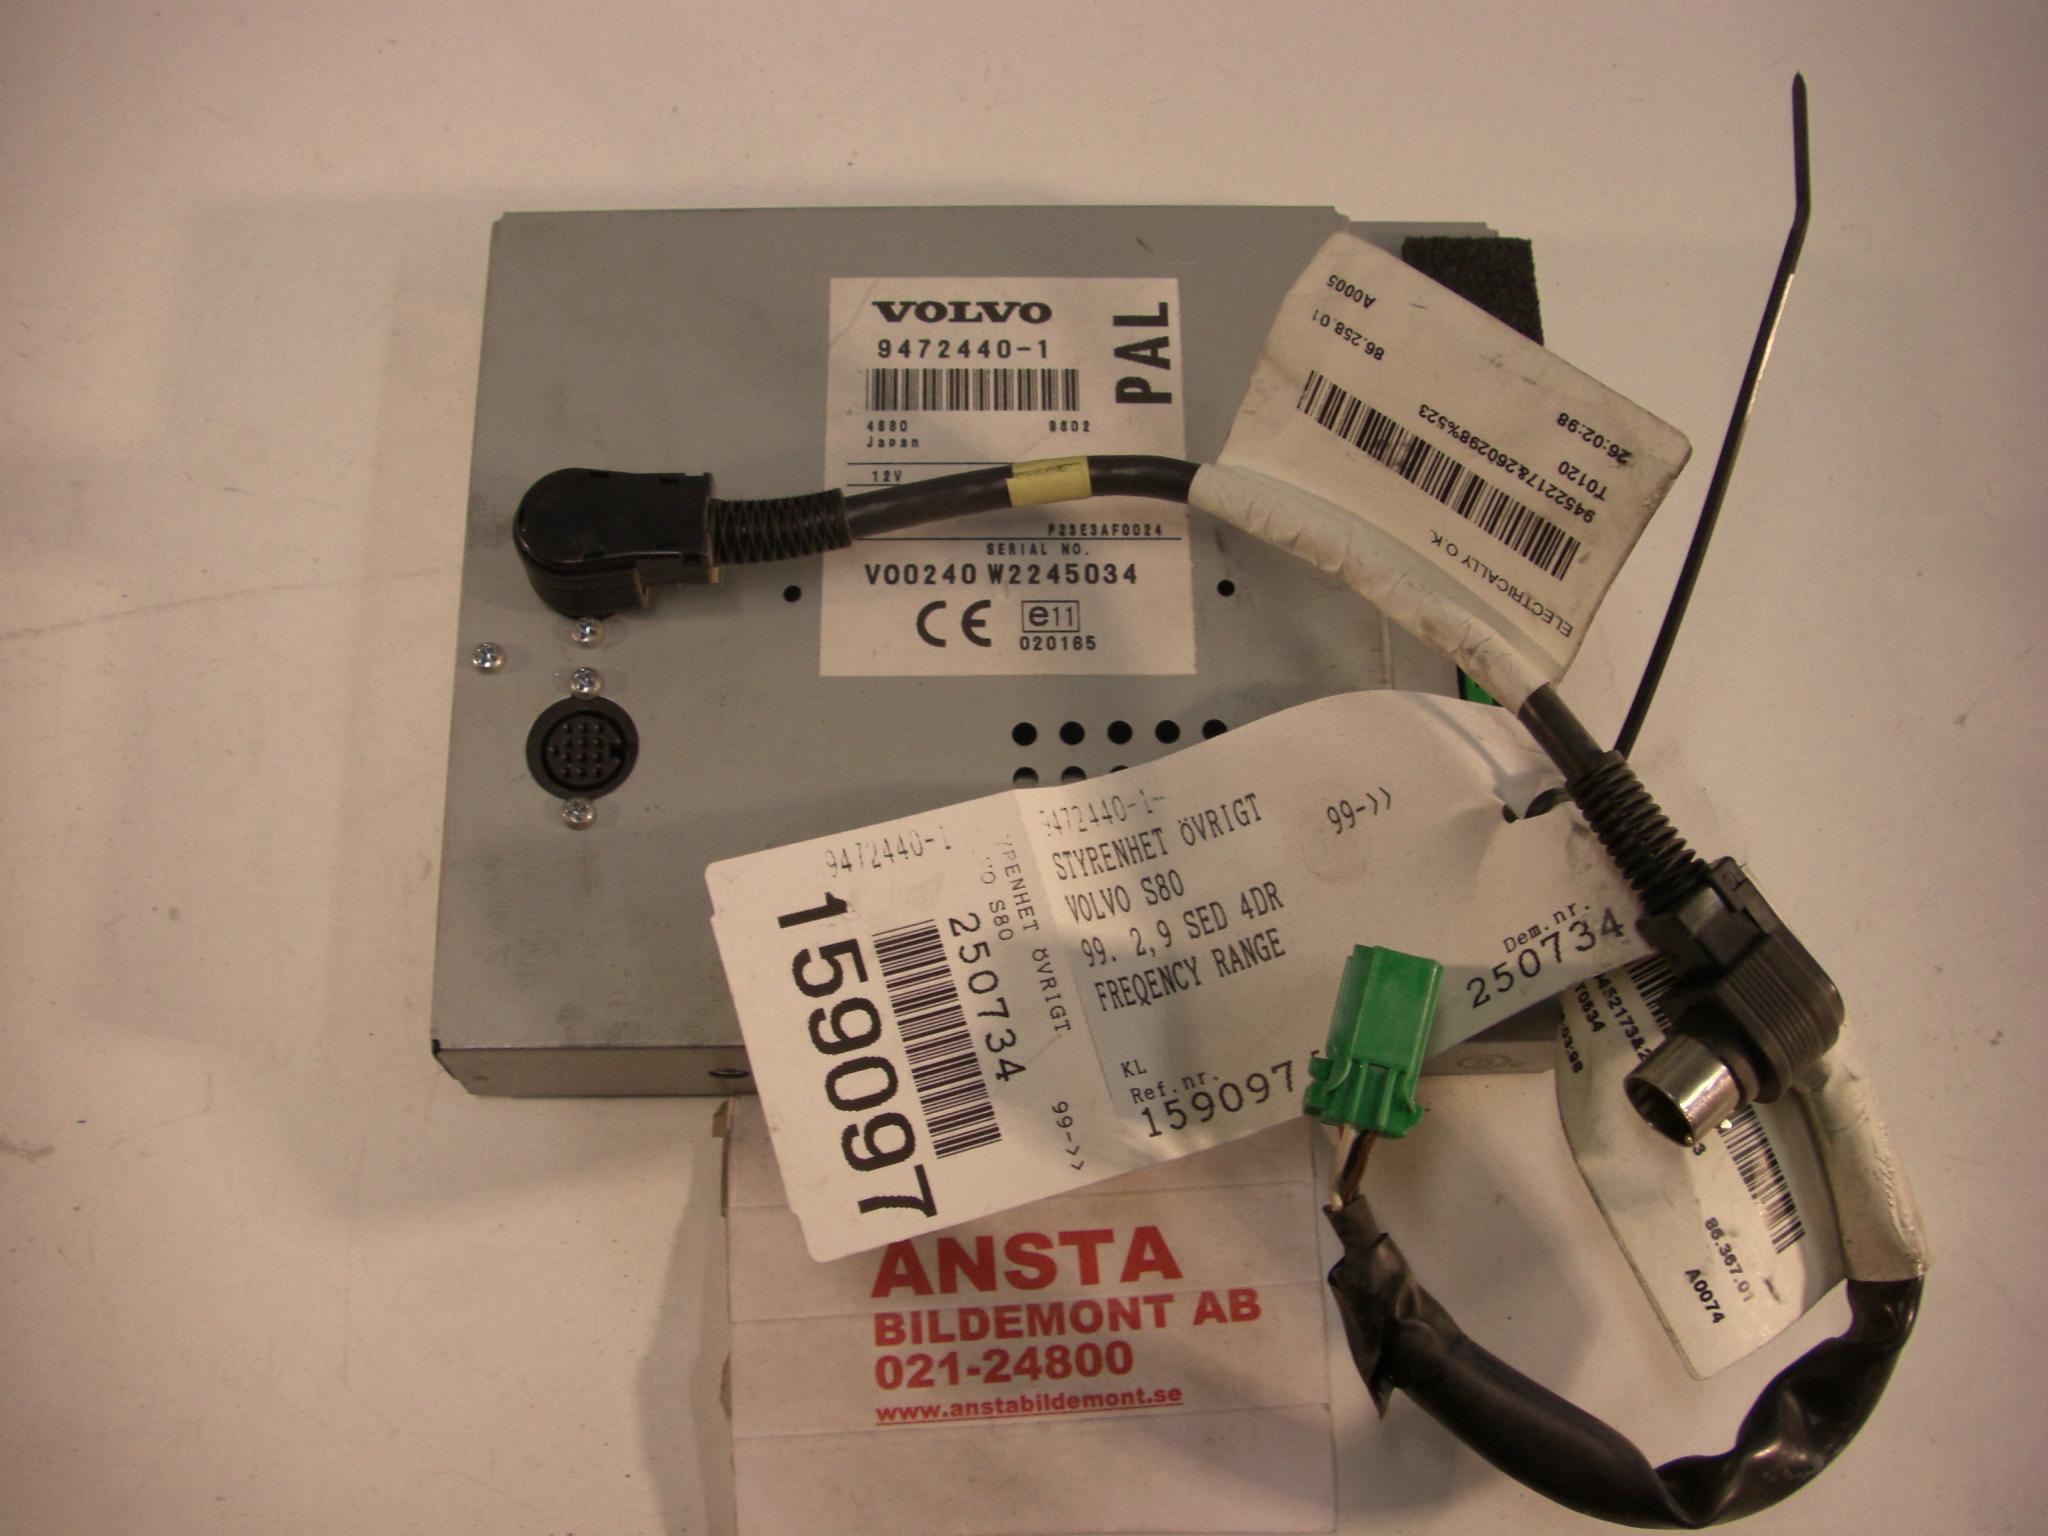 till VOLVO S80 1999-2003 AN 94724401 (0)